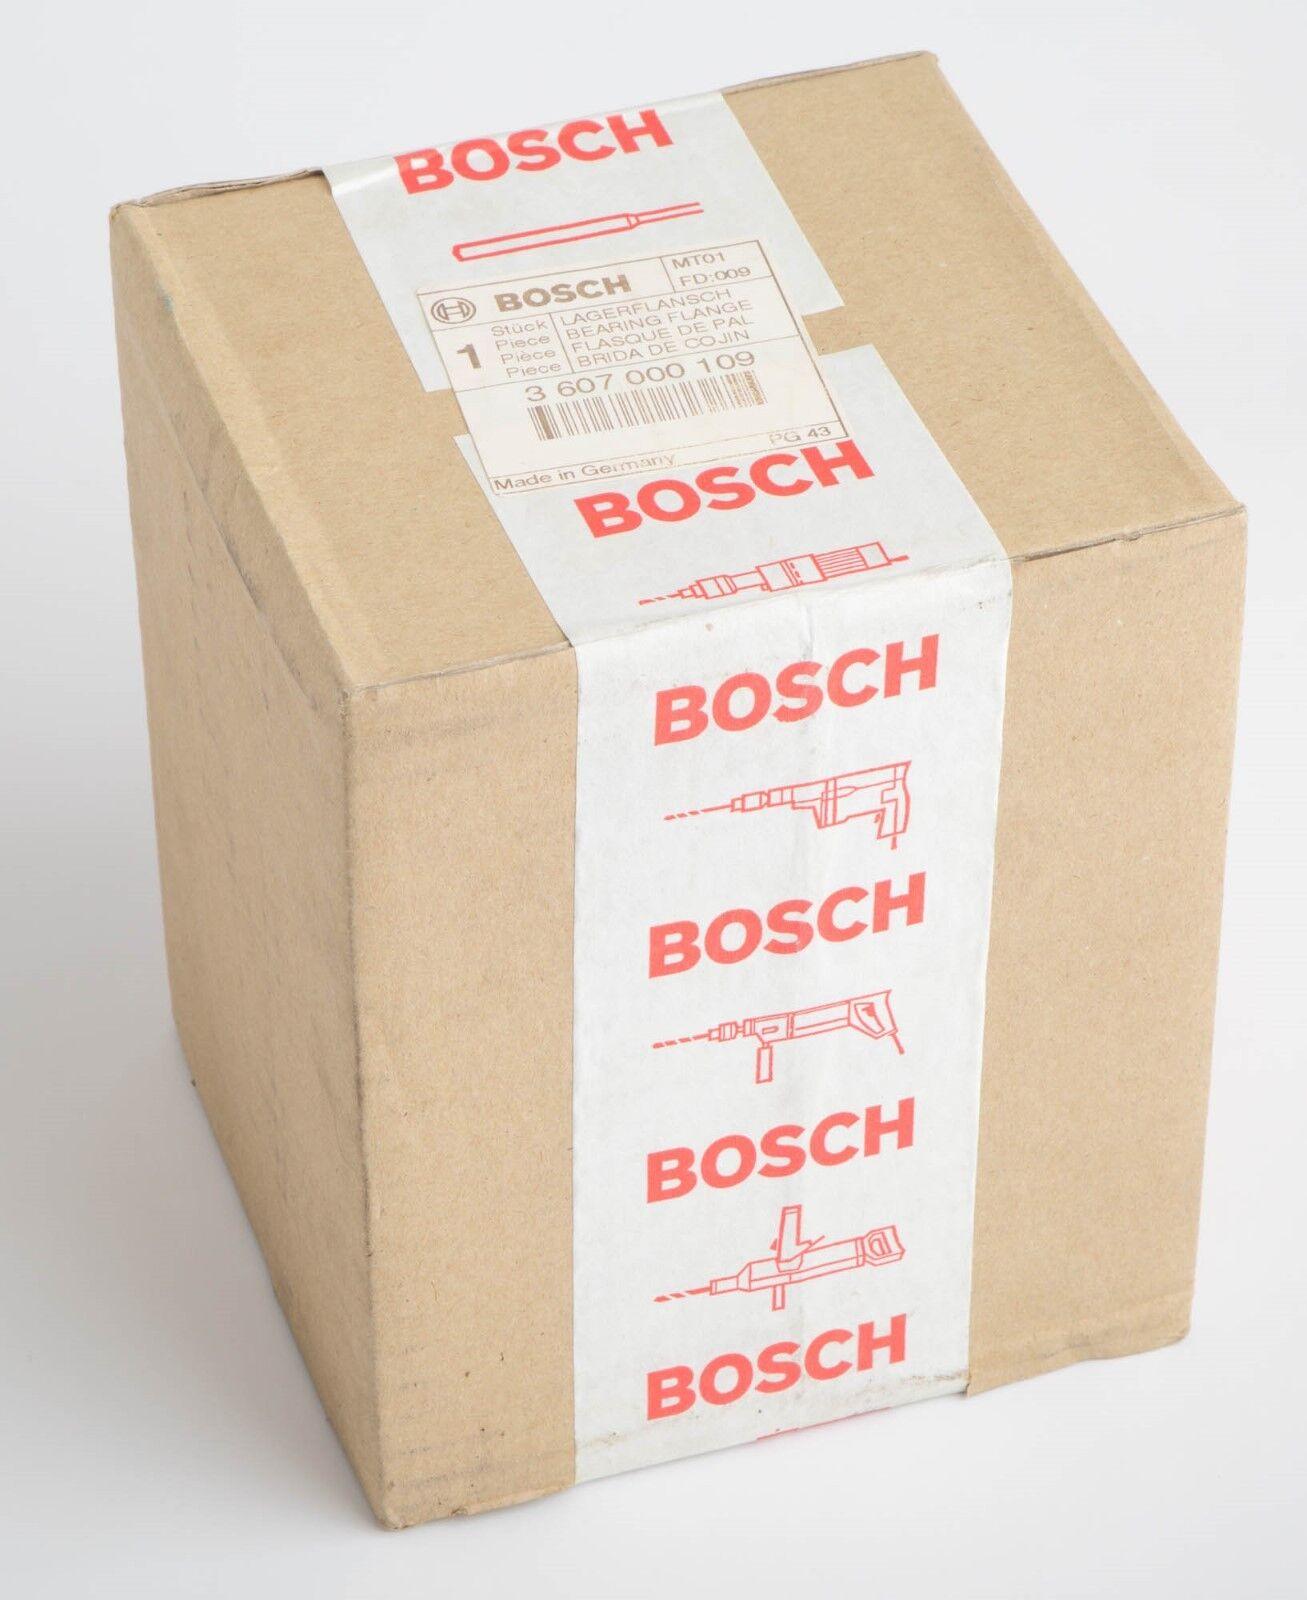 BOSCH Lagerflansch Lagerflansch Lagerflansch 3607000109 | Hohe Qualität  | Die Qualität Und Die Verbraucher Zunächst  | Sale Düsseldorf  | Haltbarkeit  dbaaf3